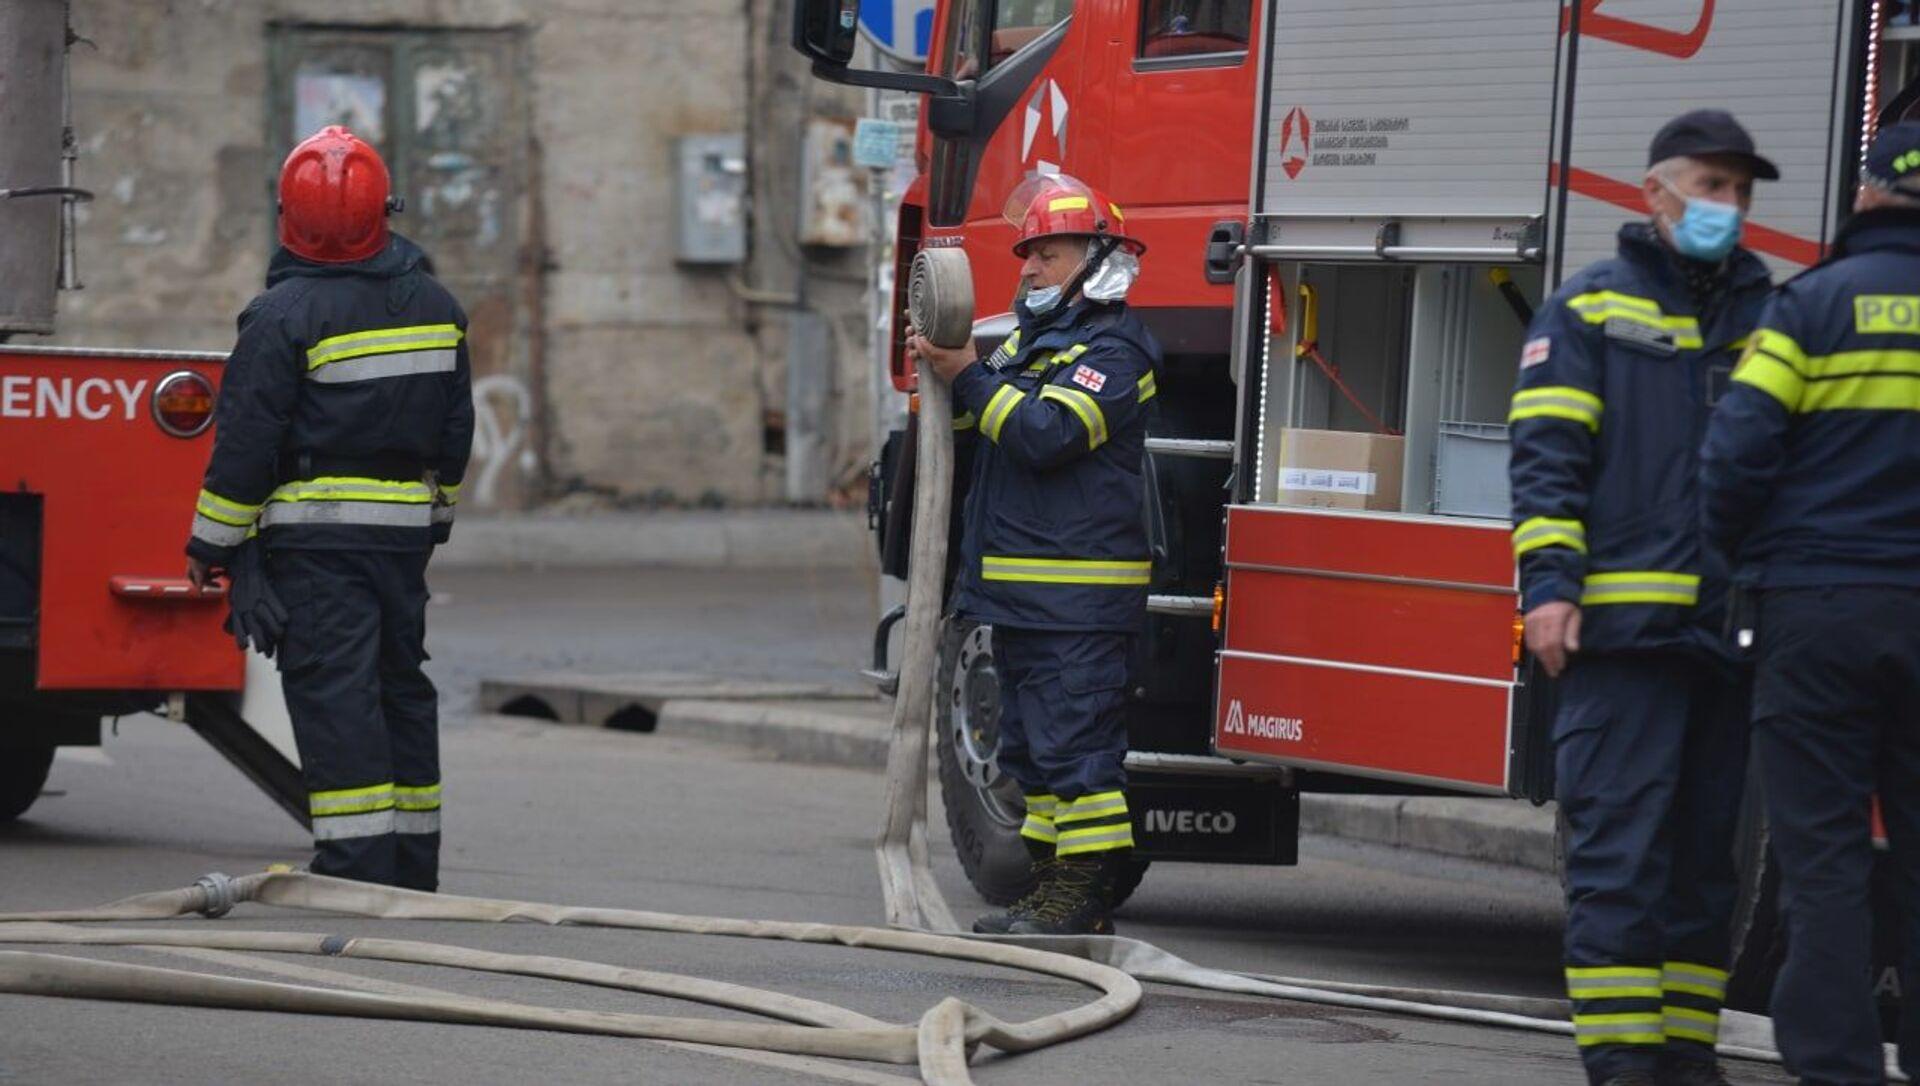 Пожарные спасатели на месте возгорания в центре столицы Грузии - Sputnik Грузия, 1920, 14.04.2021